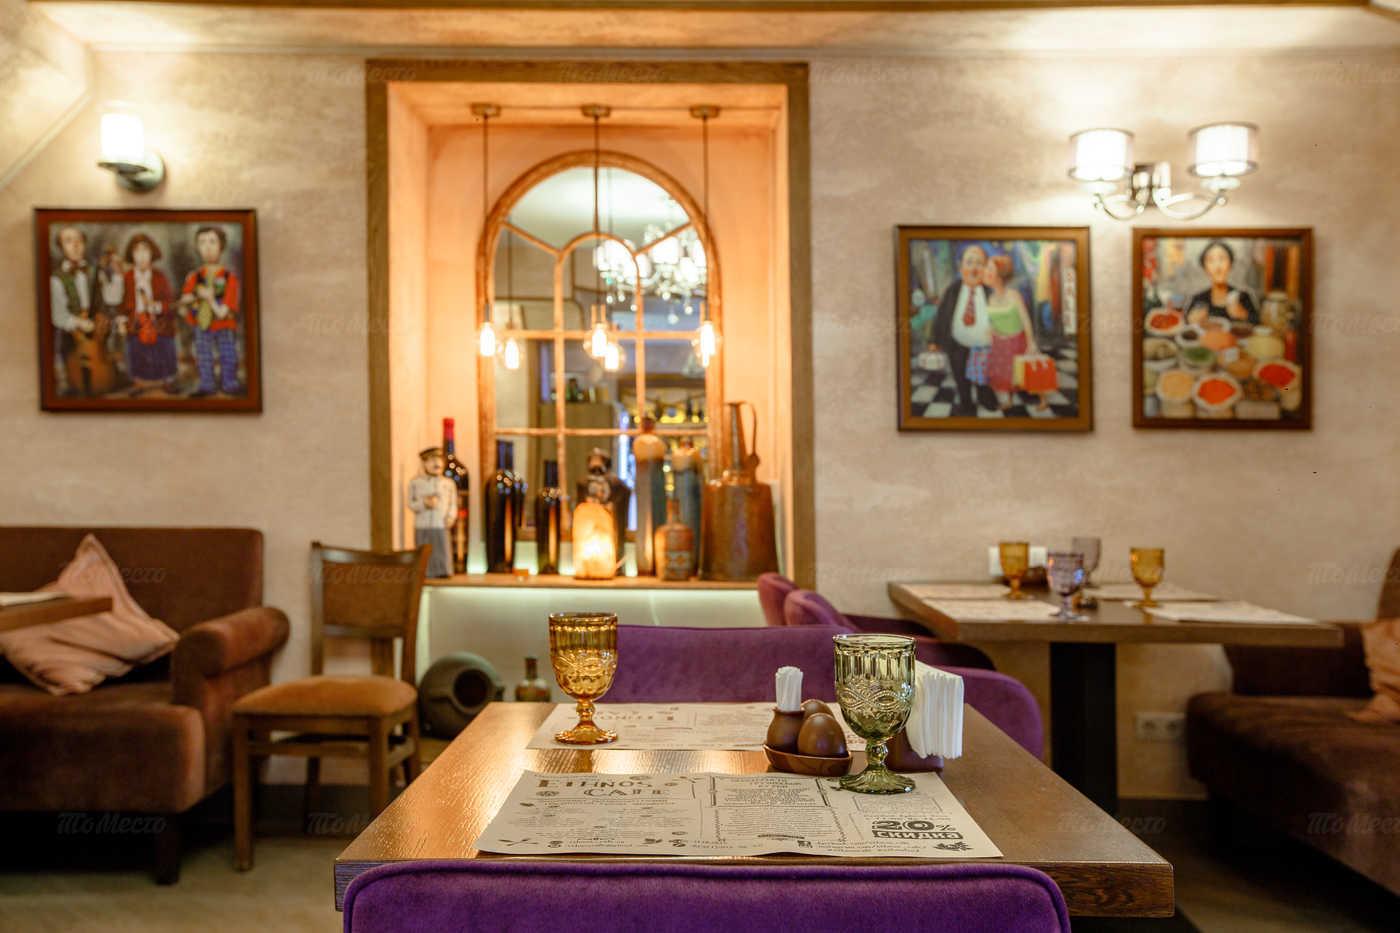 Кафе Этнос в Кузнечном переулке фото 13